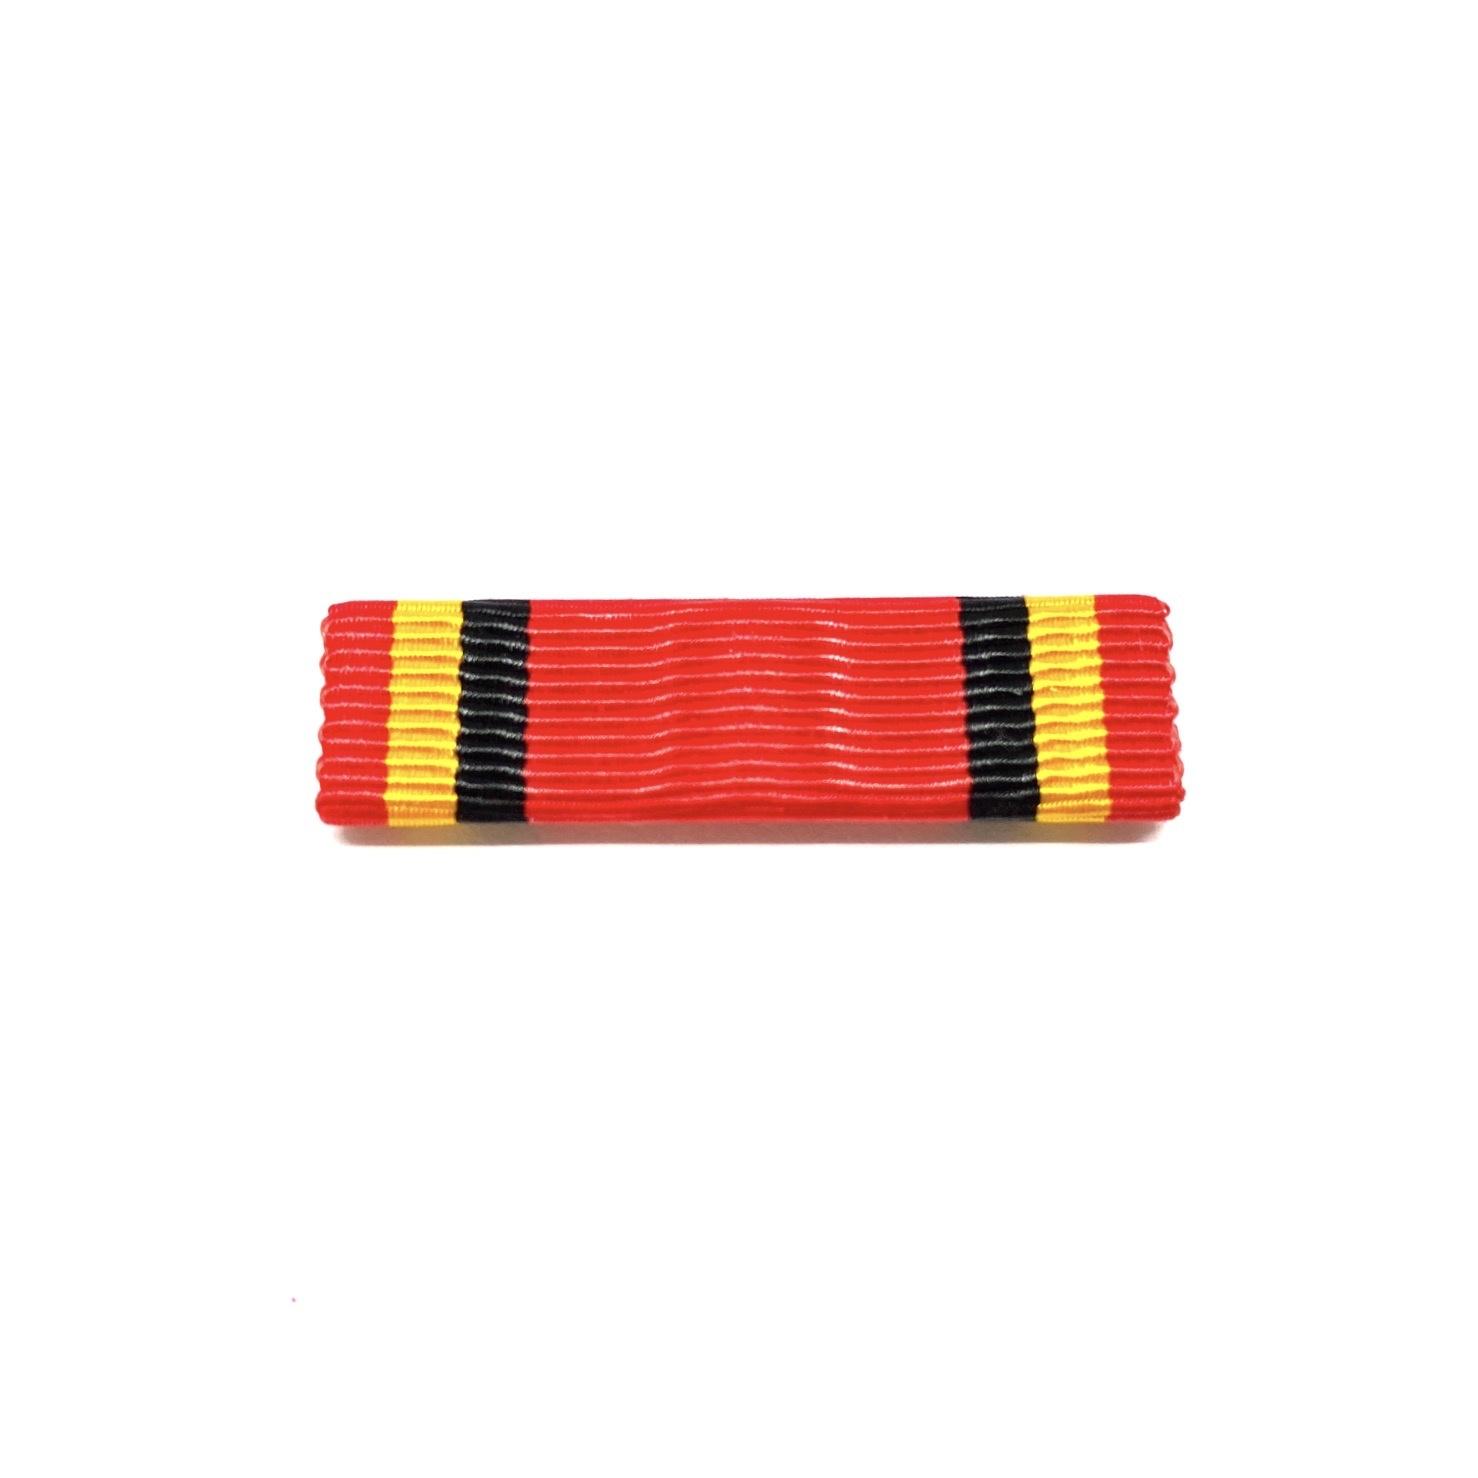 Médaille Militaire Courage & Dévouement 2e classe